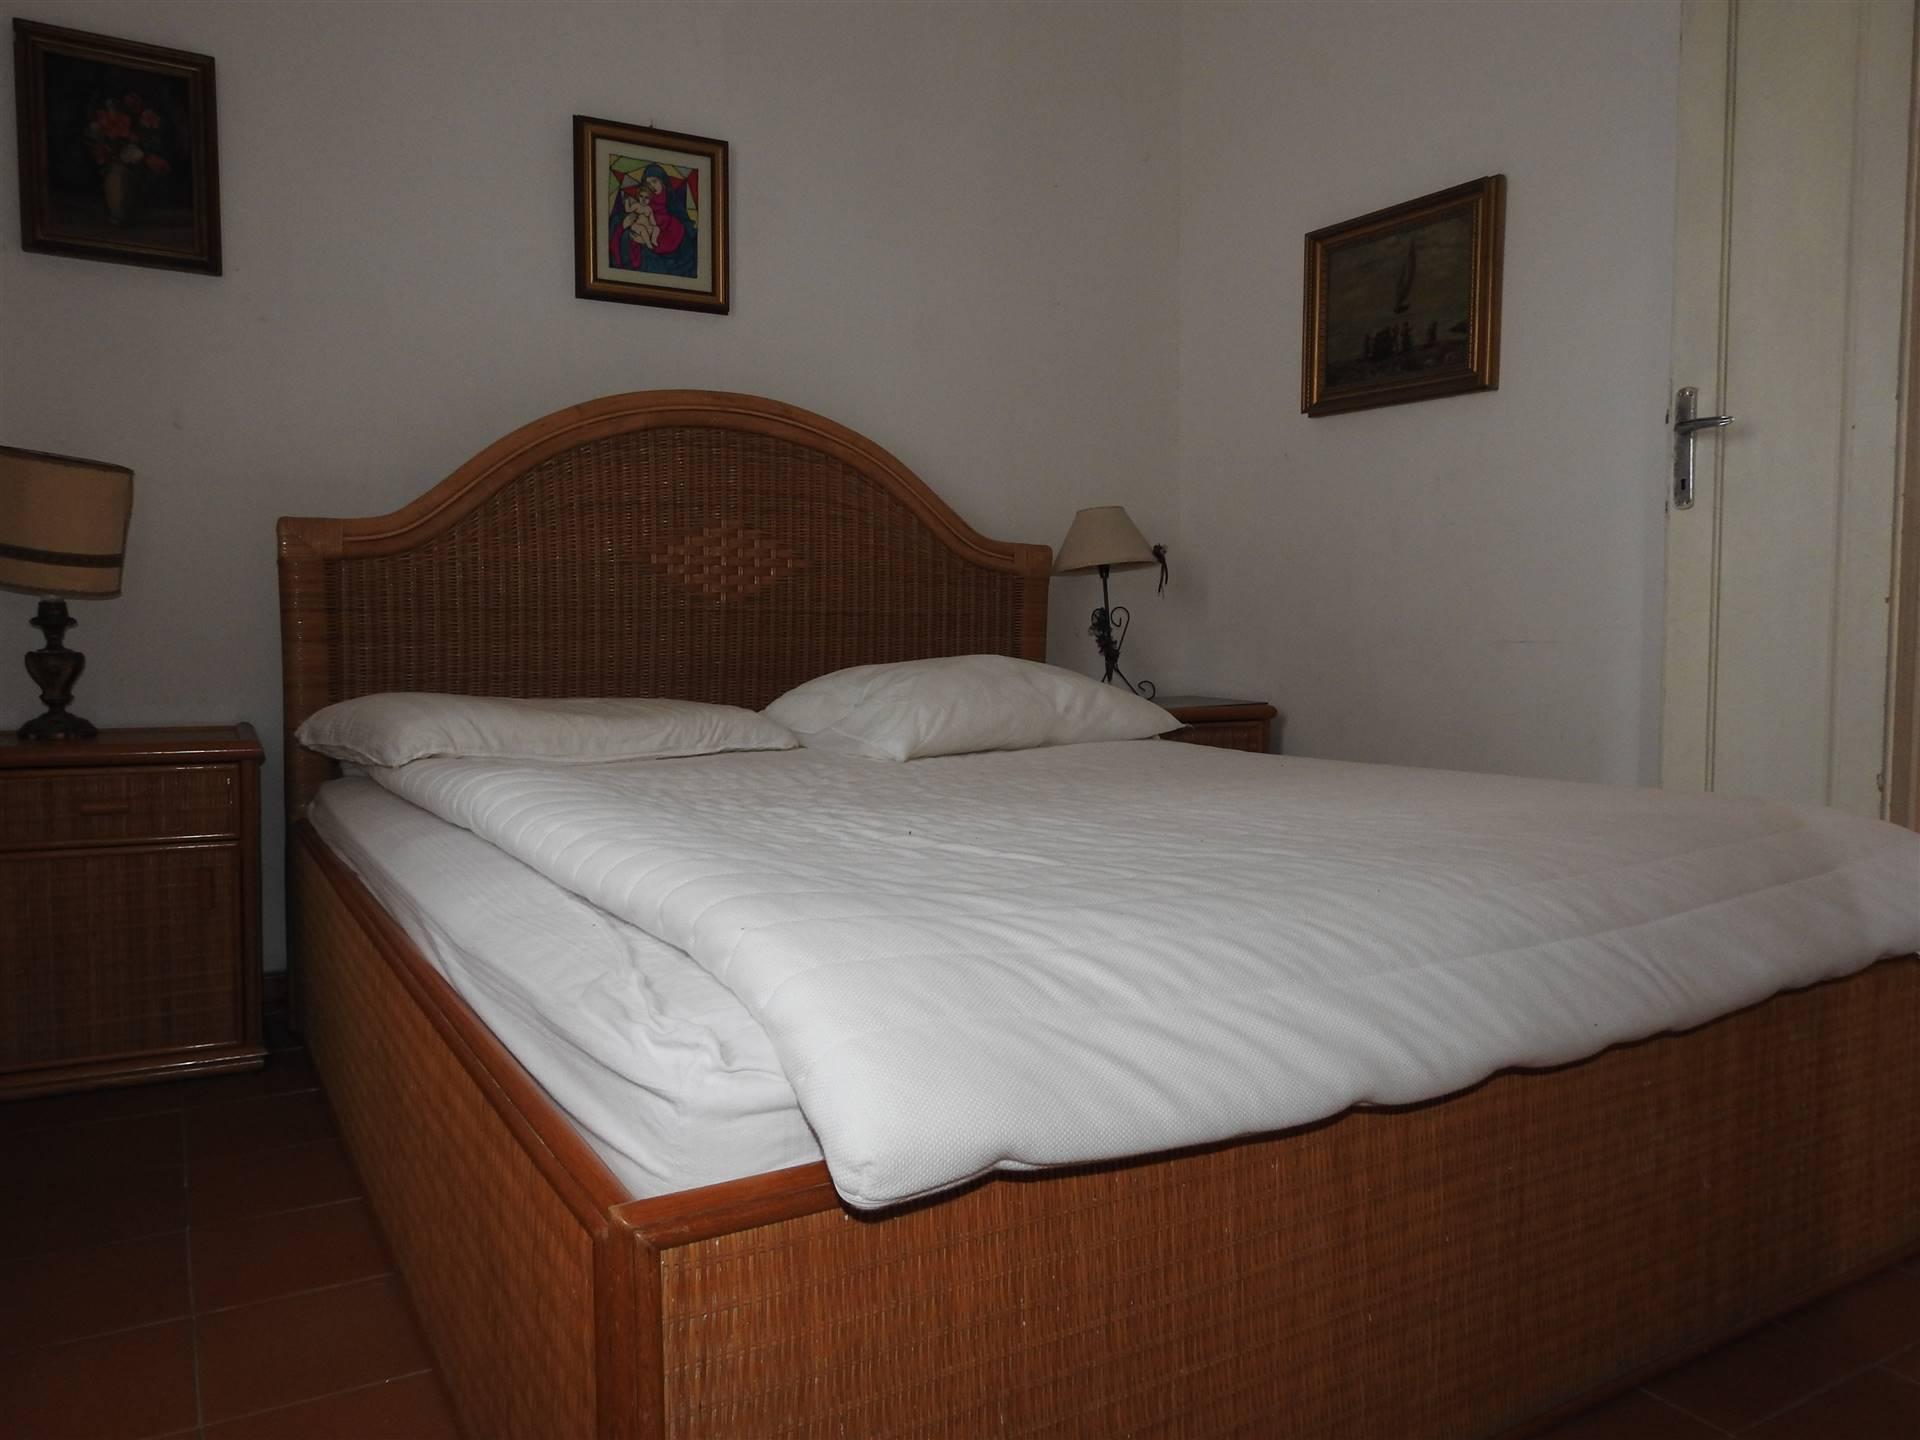 Casa Indipendente per le Vacanze. L'abitazione si colloca nei pressi del lungomare di Santa Severa e si dispone su un unico livello composto da ingresso con saloncino, una camera da letto